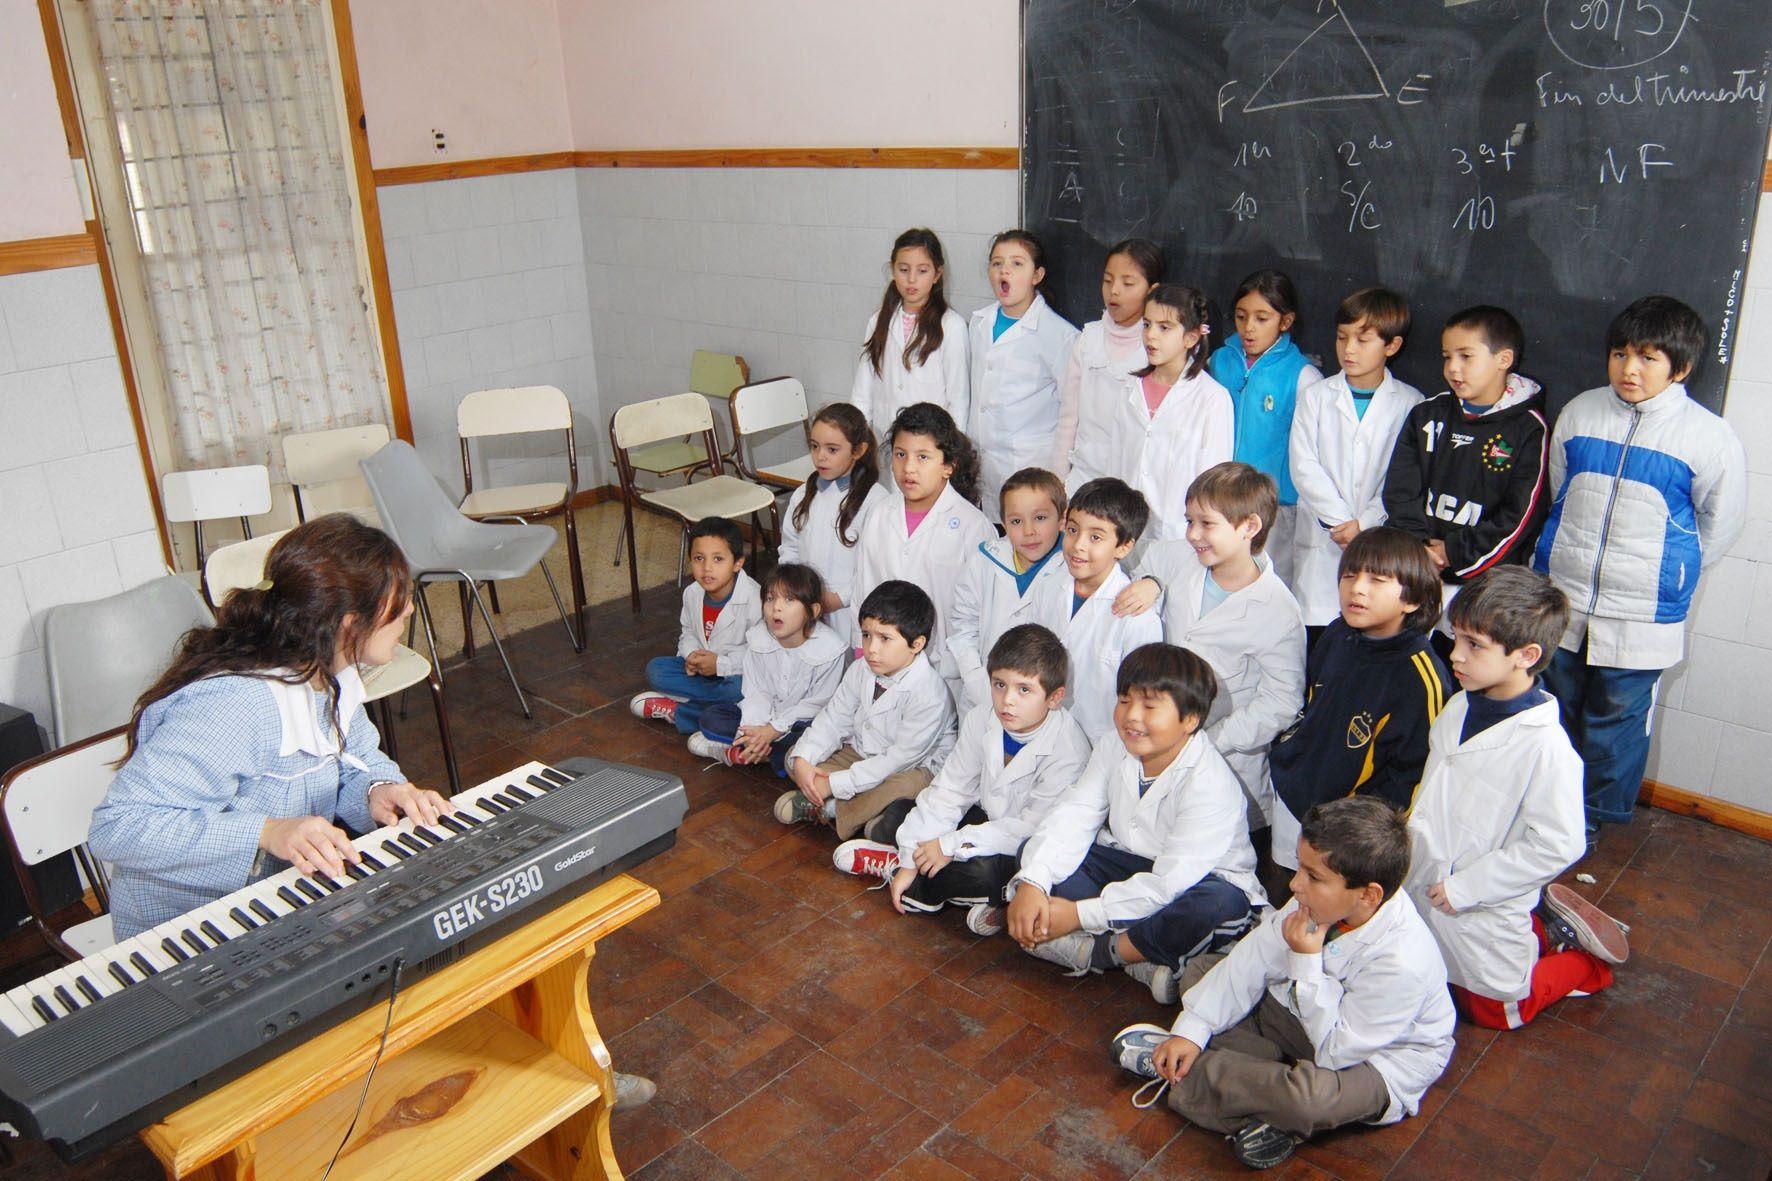 Niños en clase de Música2